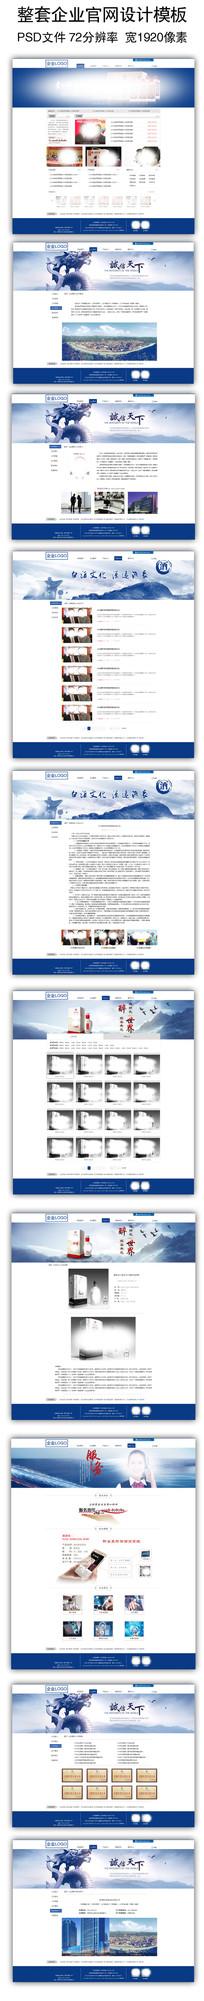 整套酒类企业官方网站设计模板 PSD